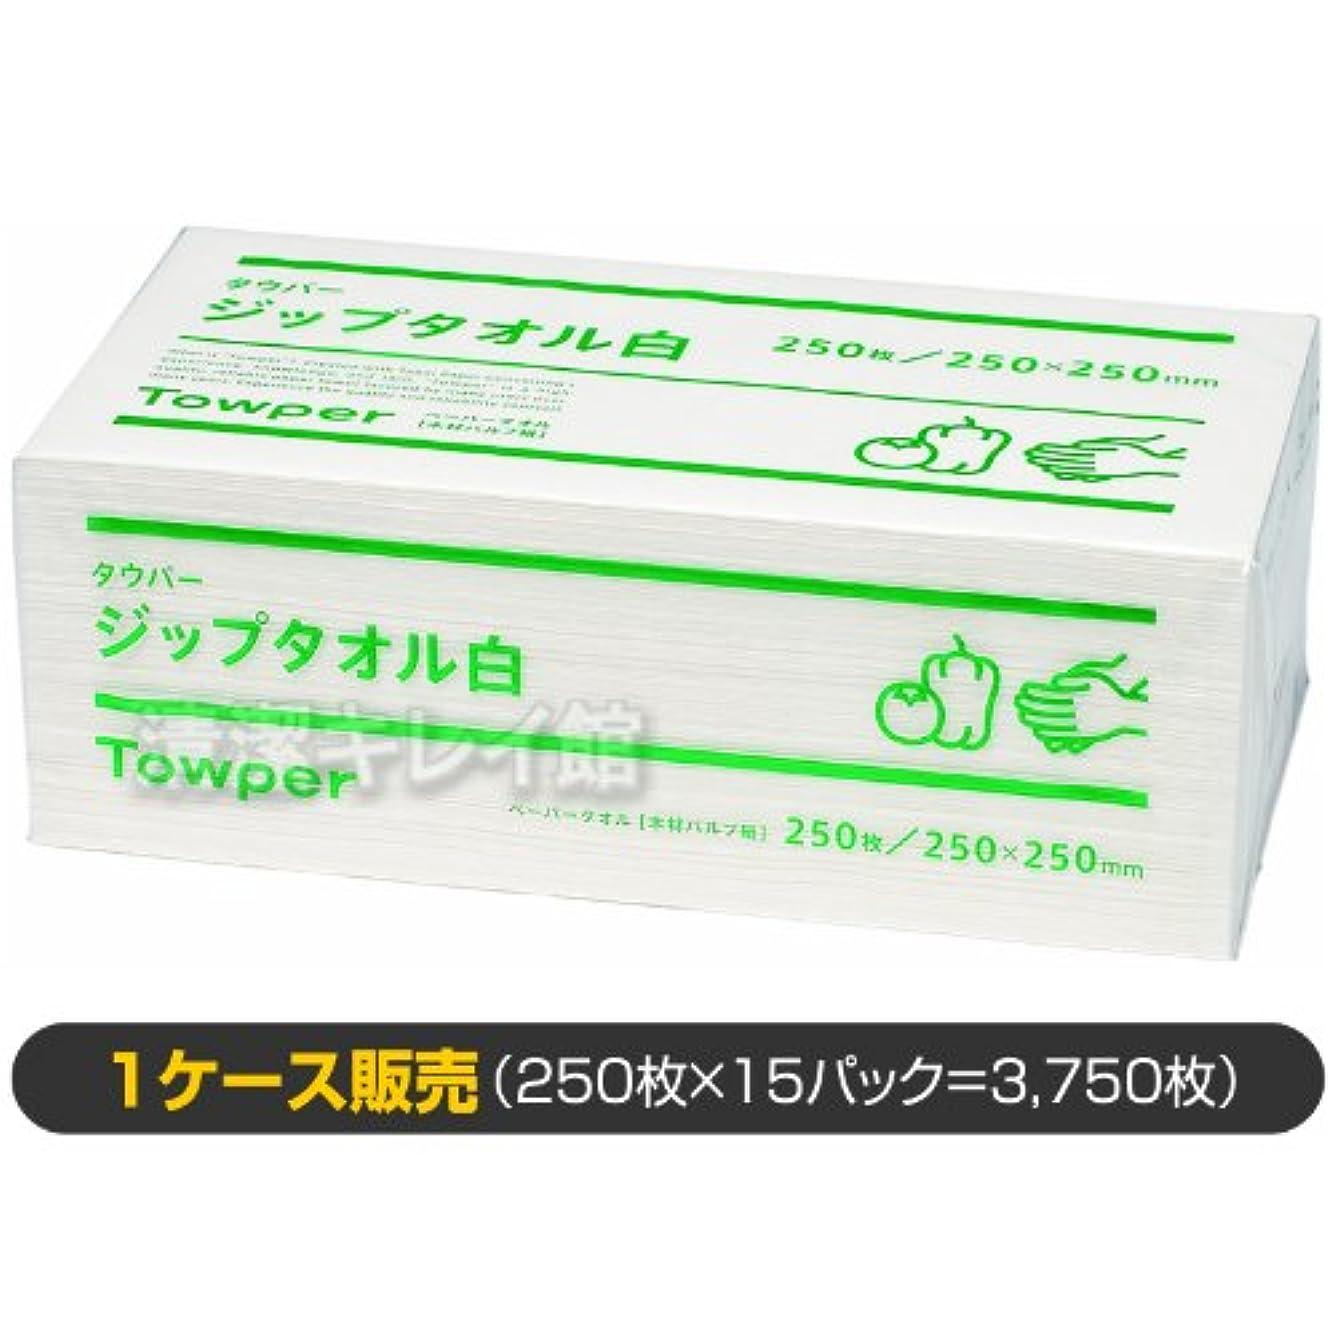 船形ビュッフェアマチュアペーパータオル ジップタオル(白) /1ケース販売(清潔キレイ館/大判サイズ用)